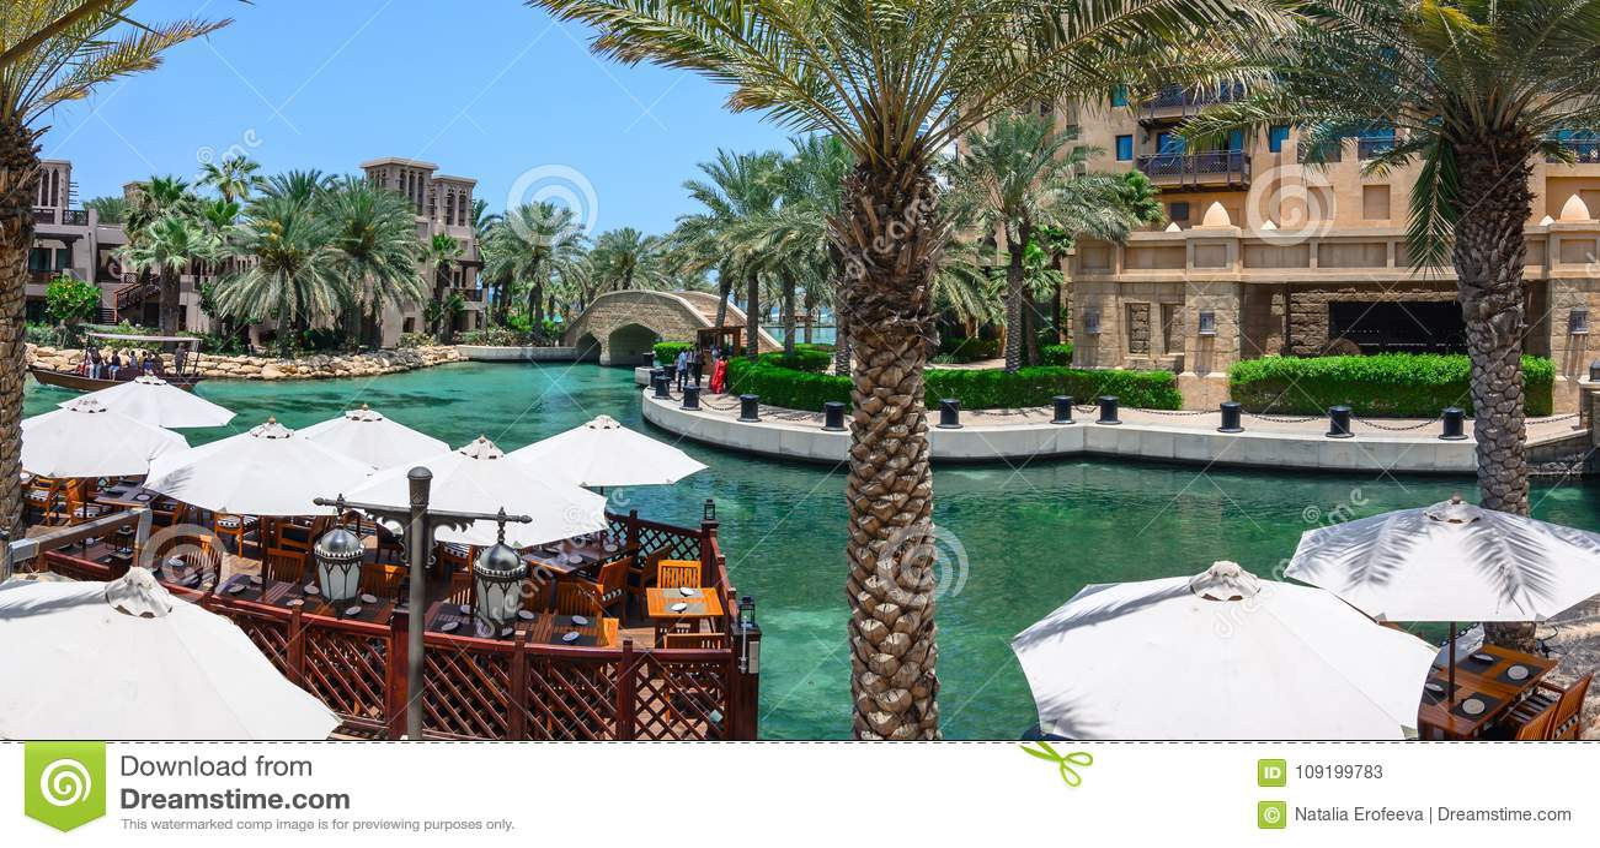 Оаэ madinat jumeirah виллы купить недвижимость для сдачи в аренду за рубежом